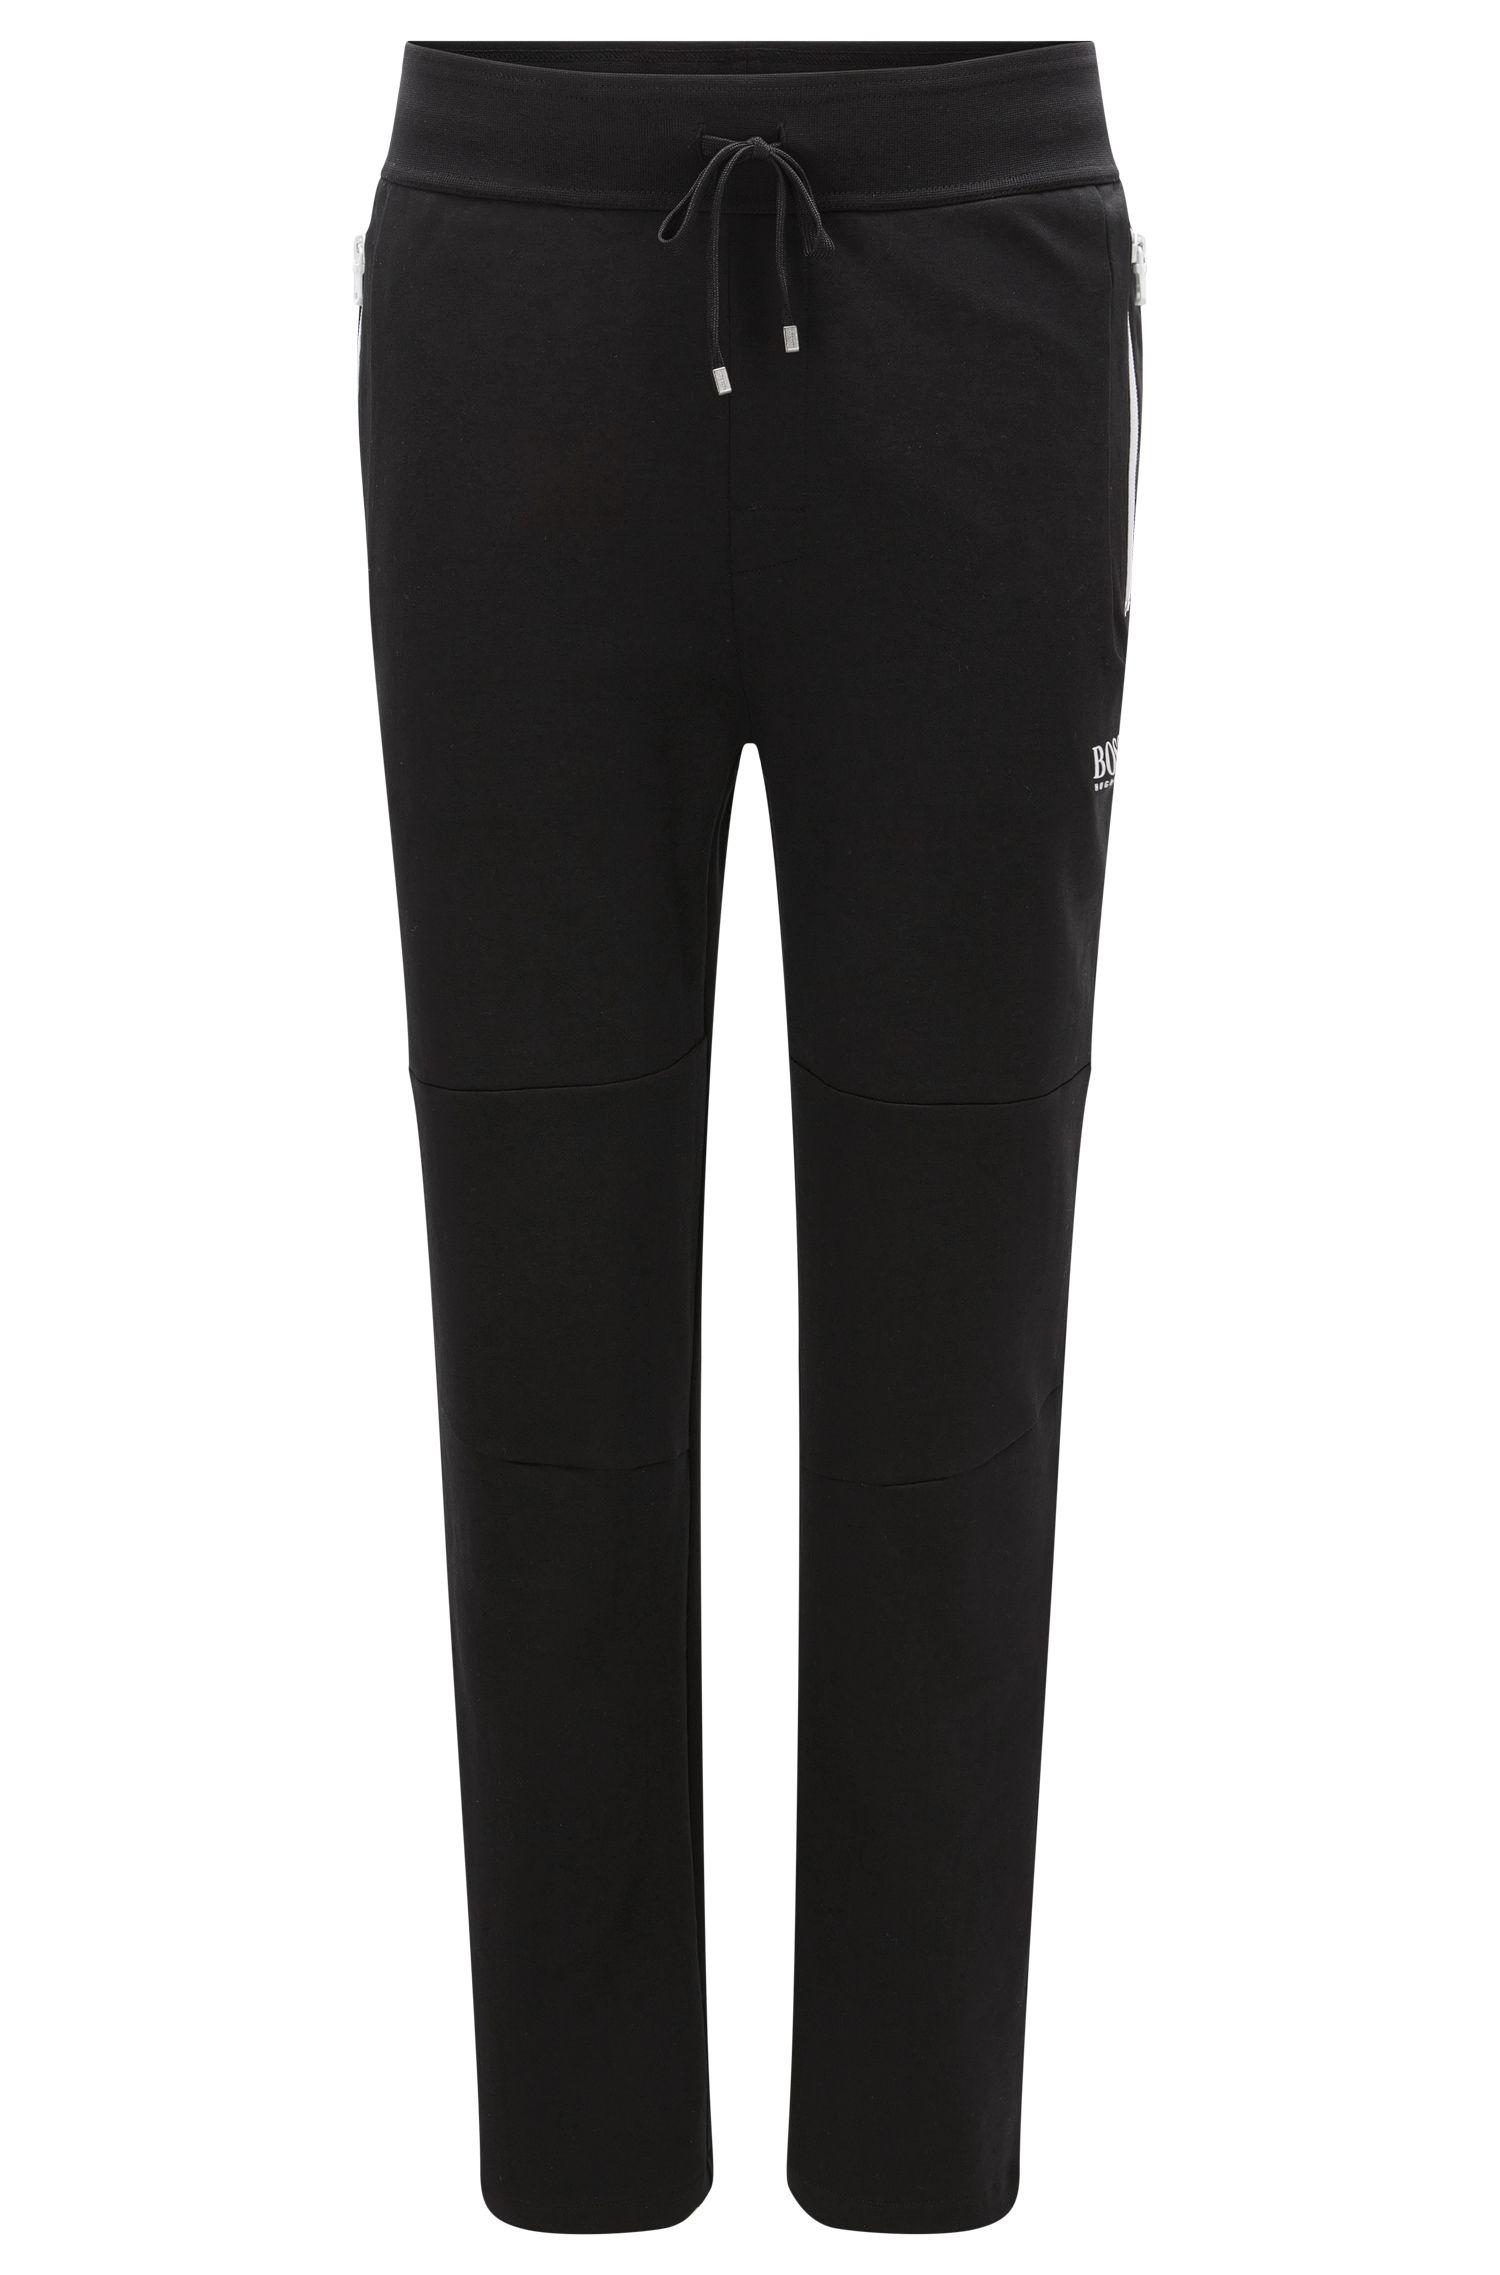 Cotton Blend Track Pant | Long Pant